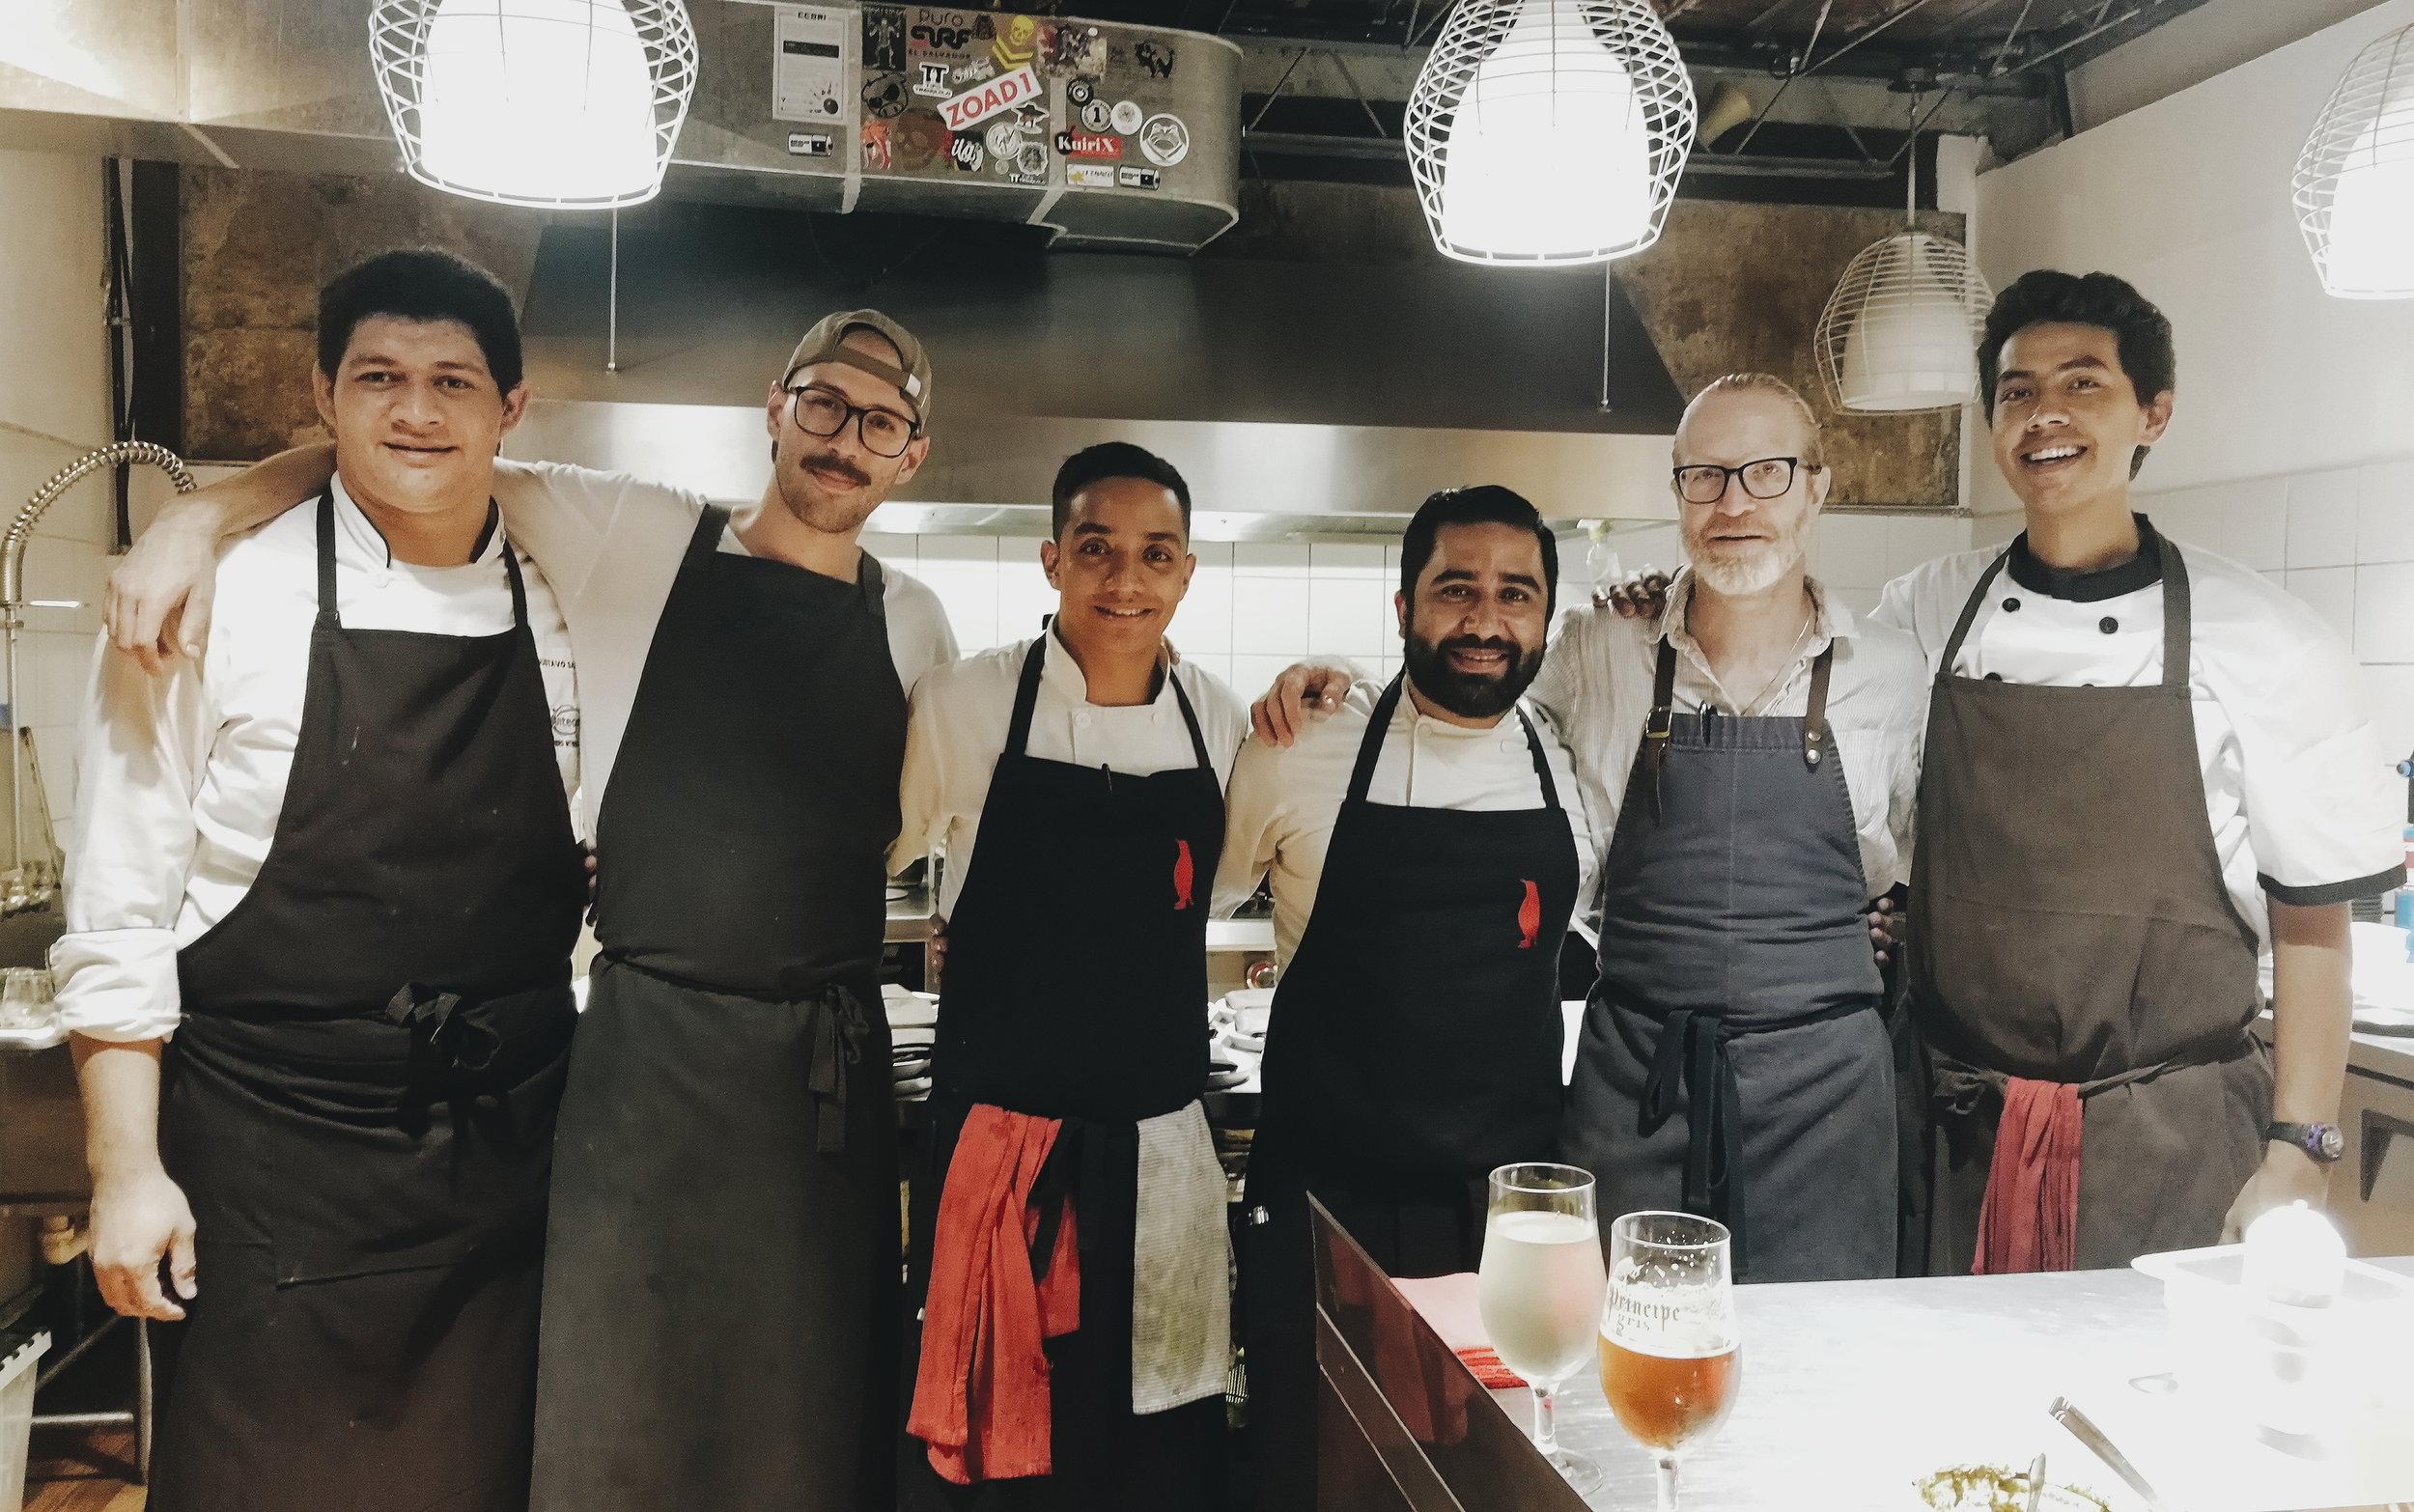 El gran equipo de la cocina de Flor de Lis.  ¡Gracias por una nueva memorable experiencia!